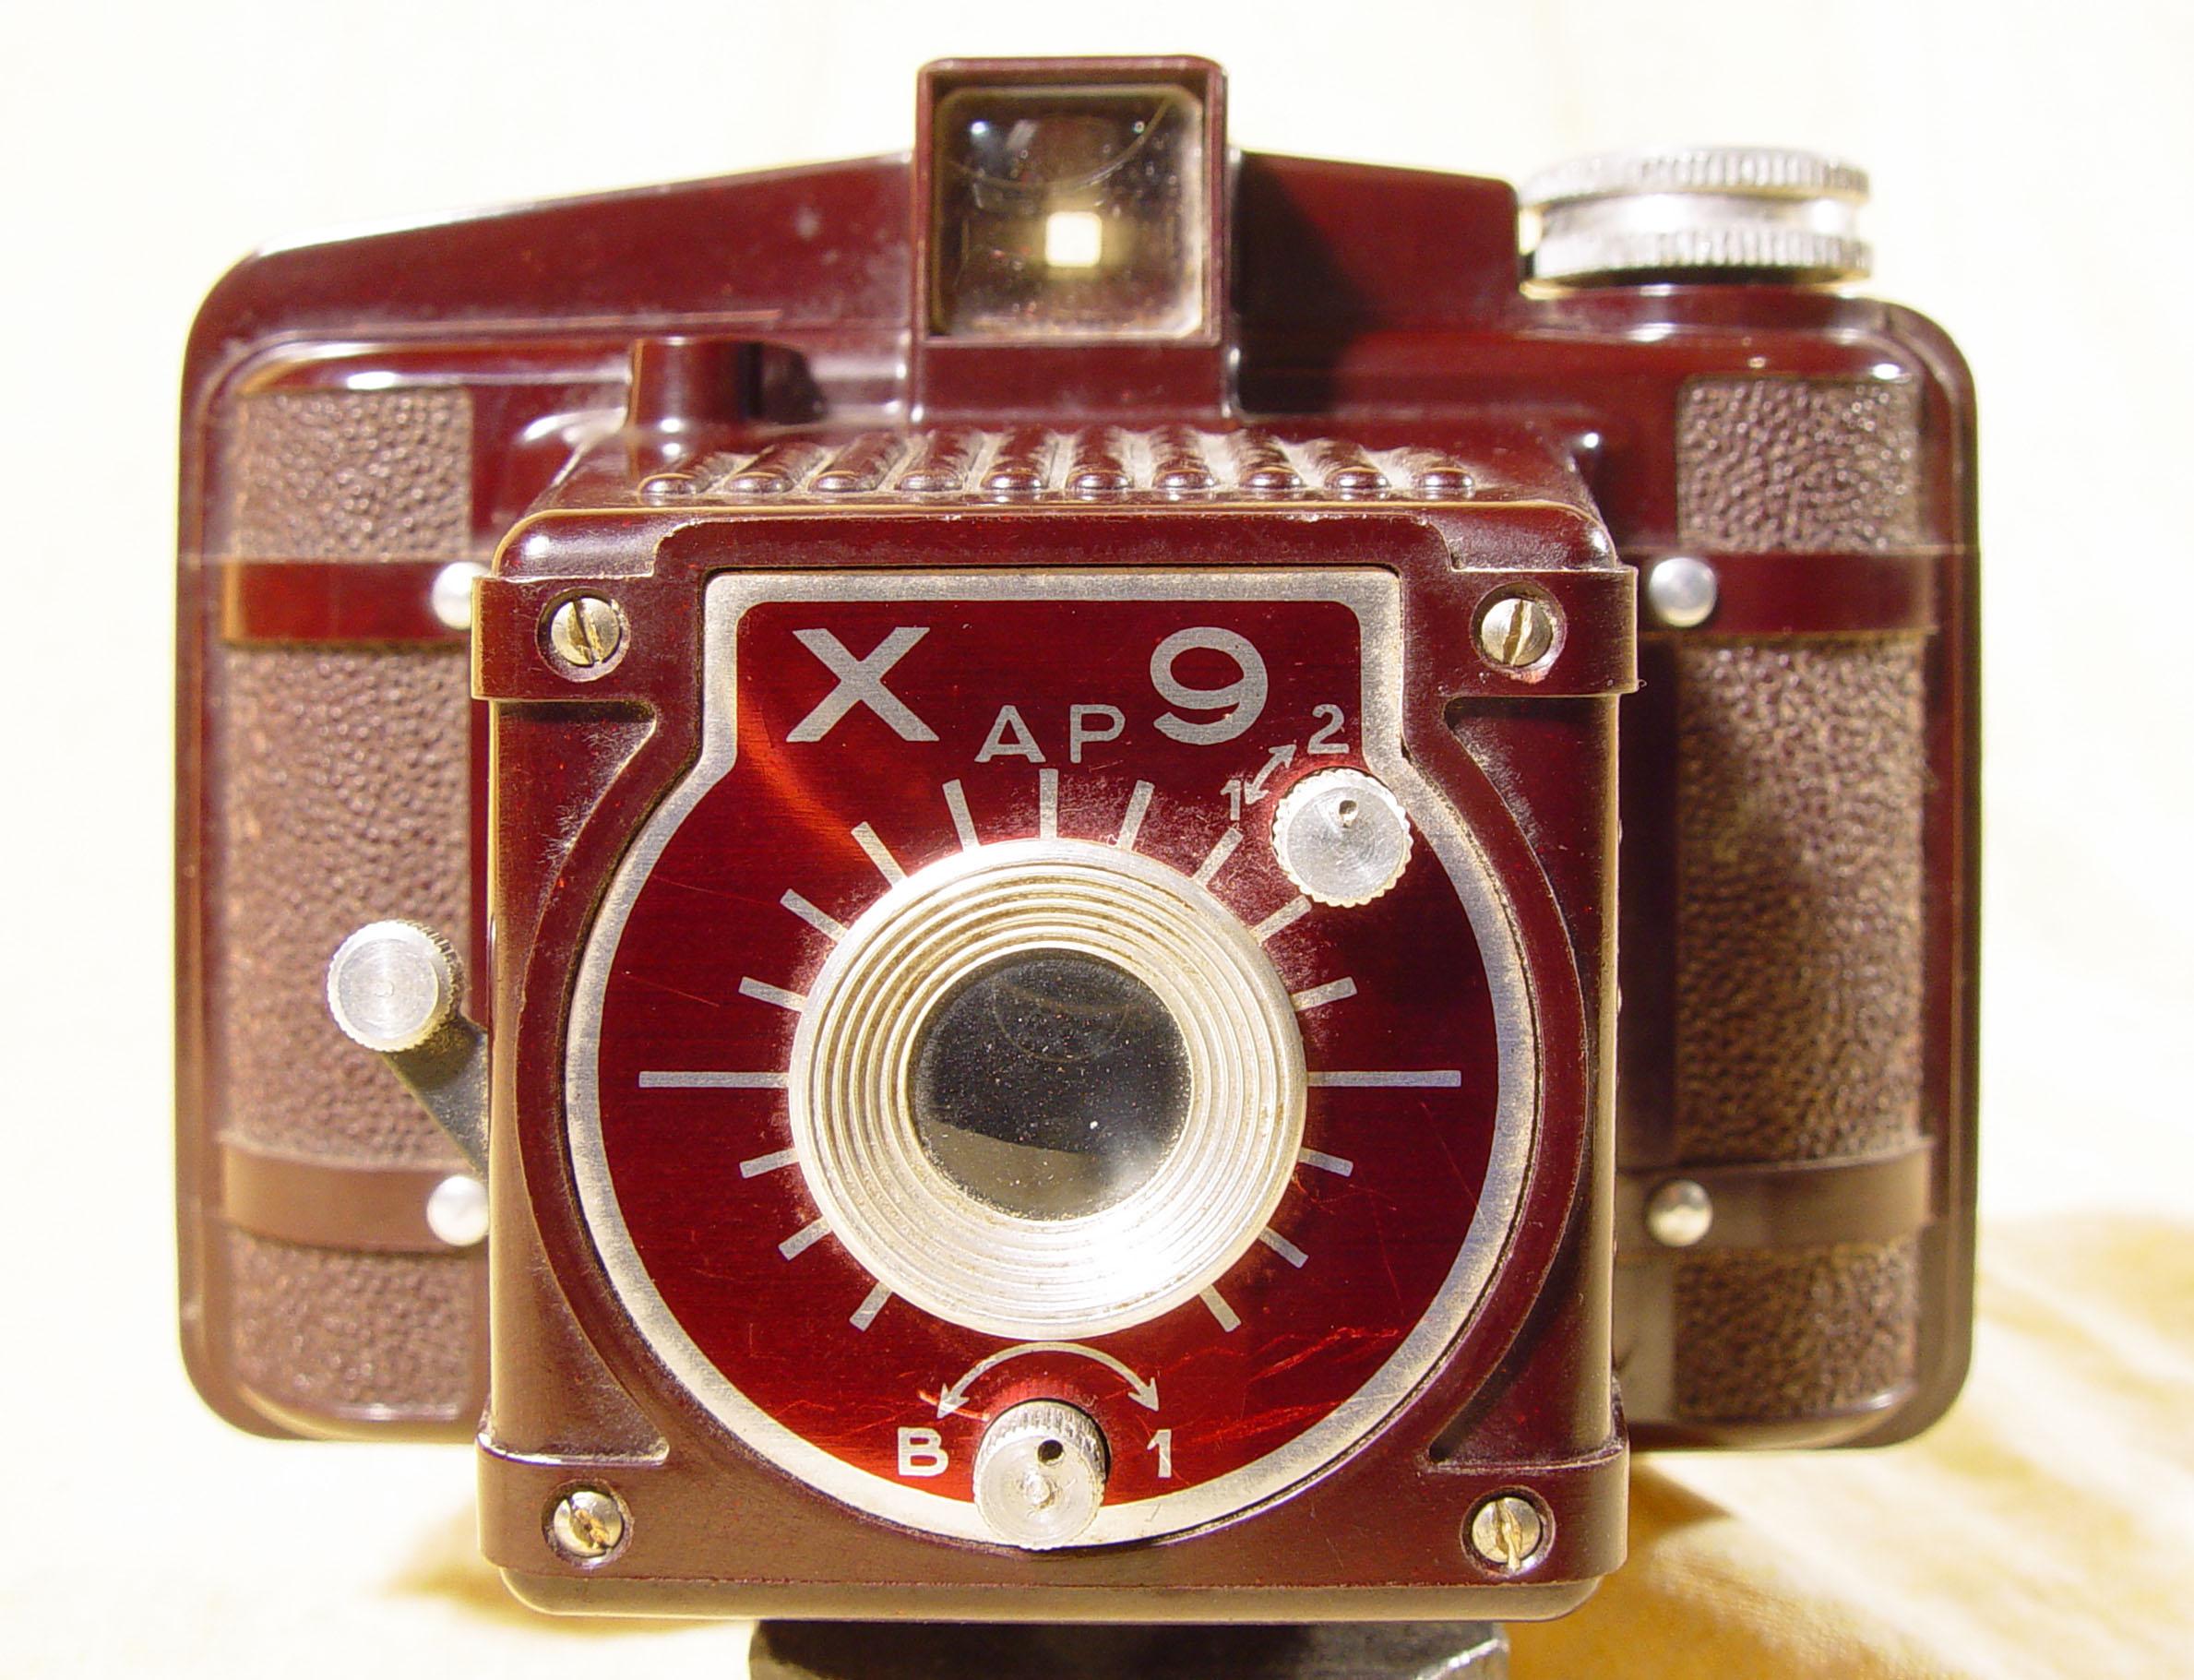 Wallpaper 1011-2 OLBIA XAP9 bakelite rouge, collection AMI Appareils photos